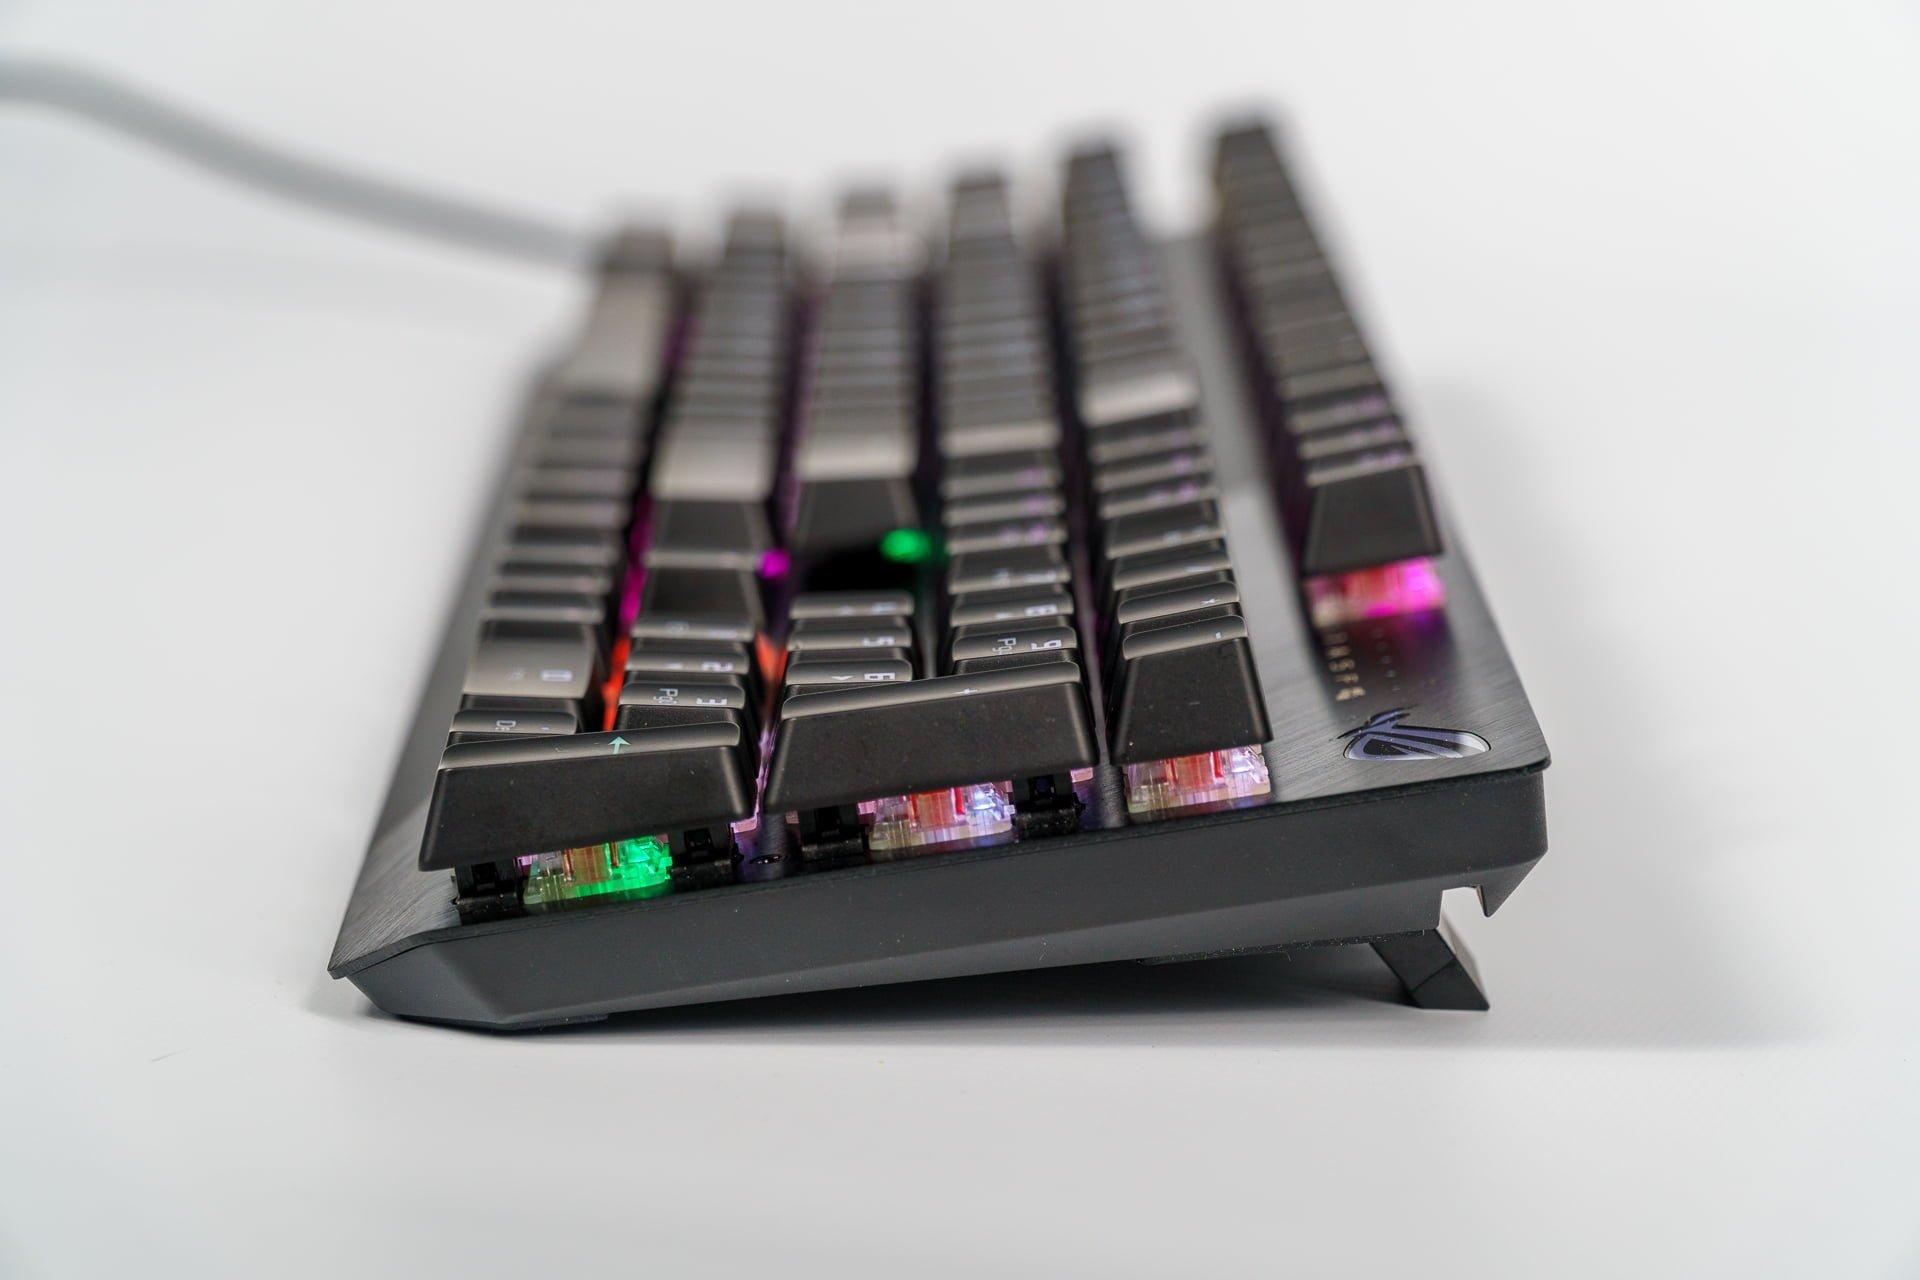 Asus ROG Strix Scope - bardzo dobry sprzęt i software, o którym lepiej nie wspominać